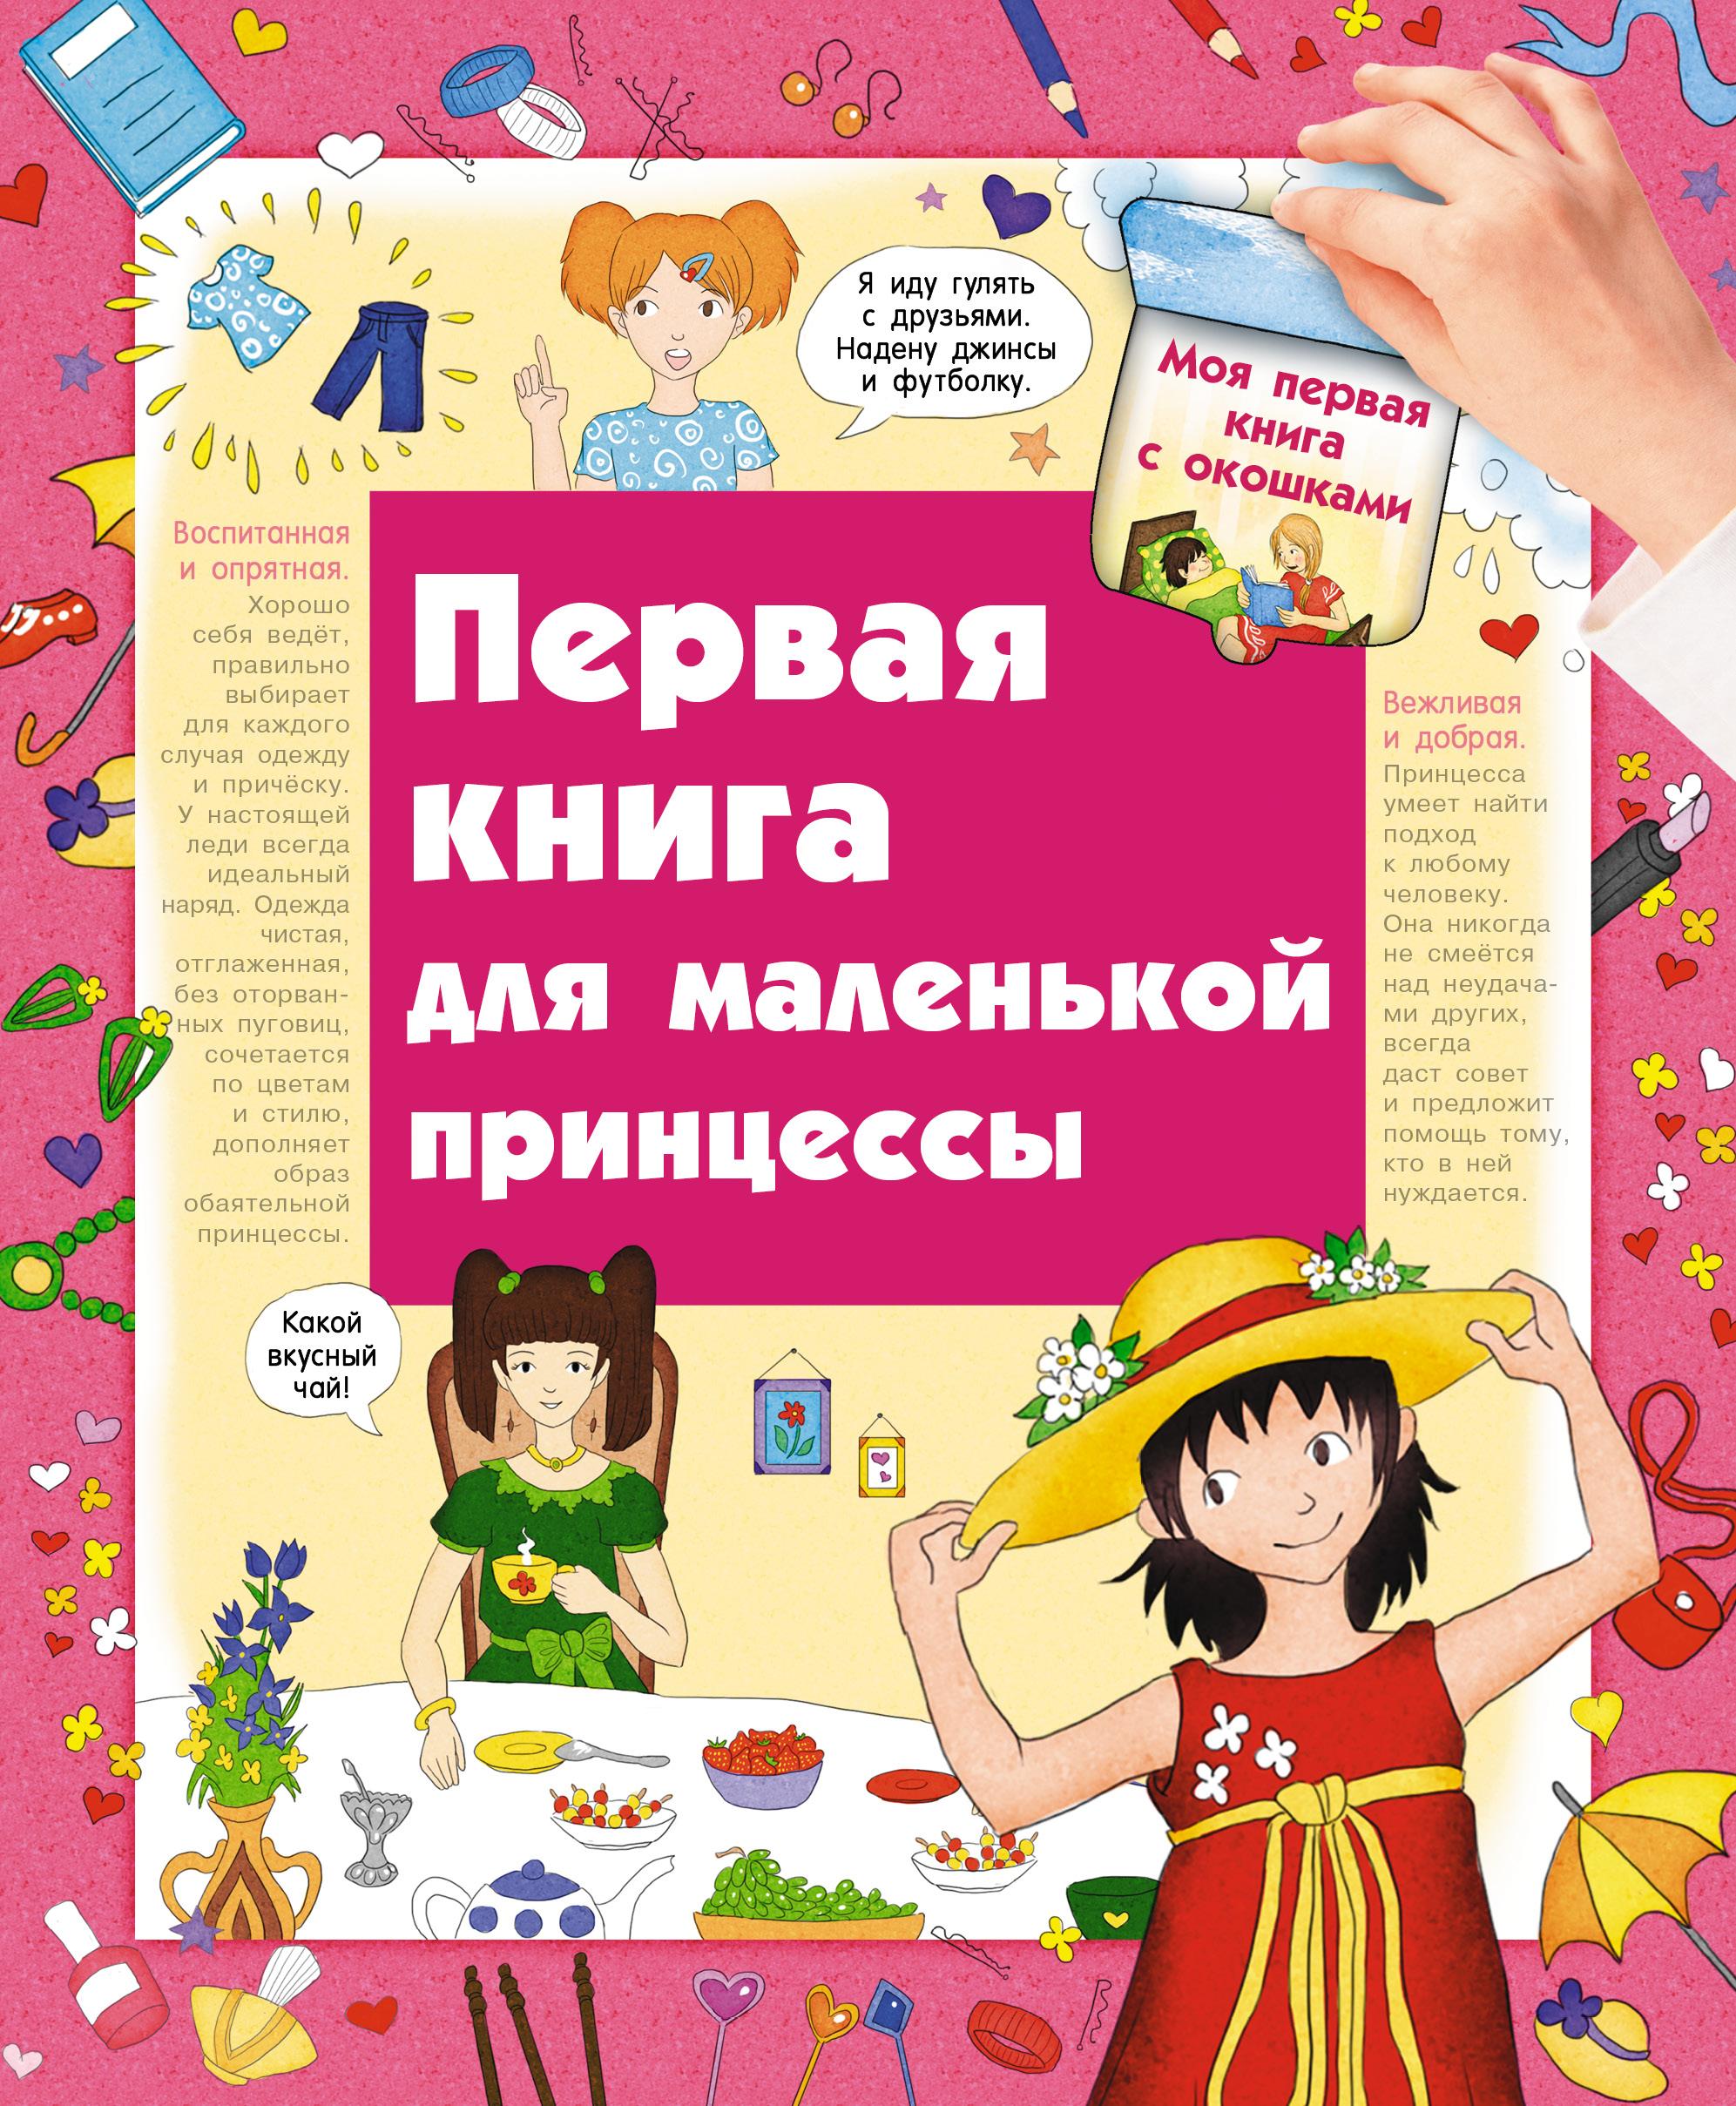 . Первая книга маленькой принцессы дневничок маленькой принцессы